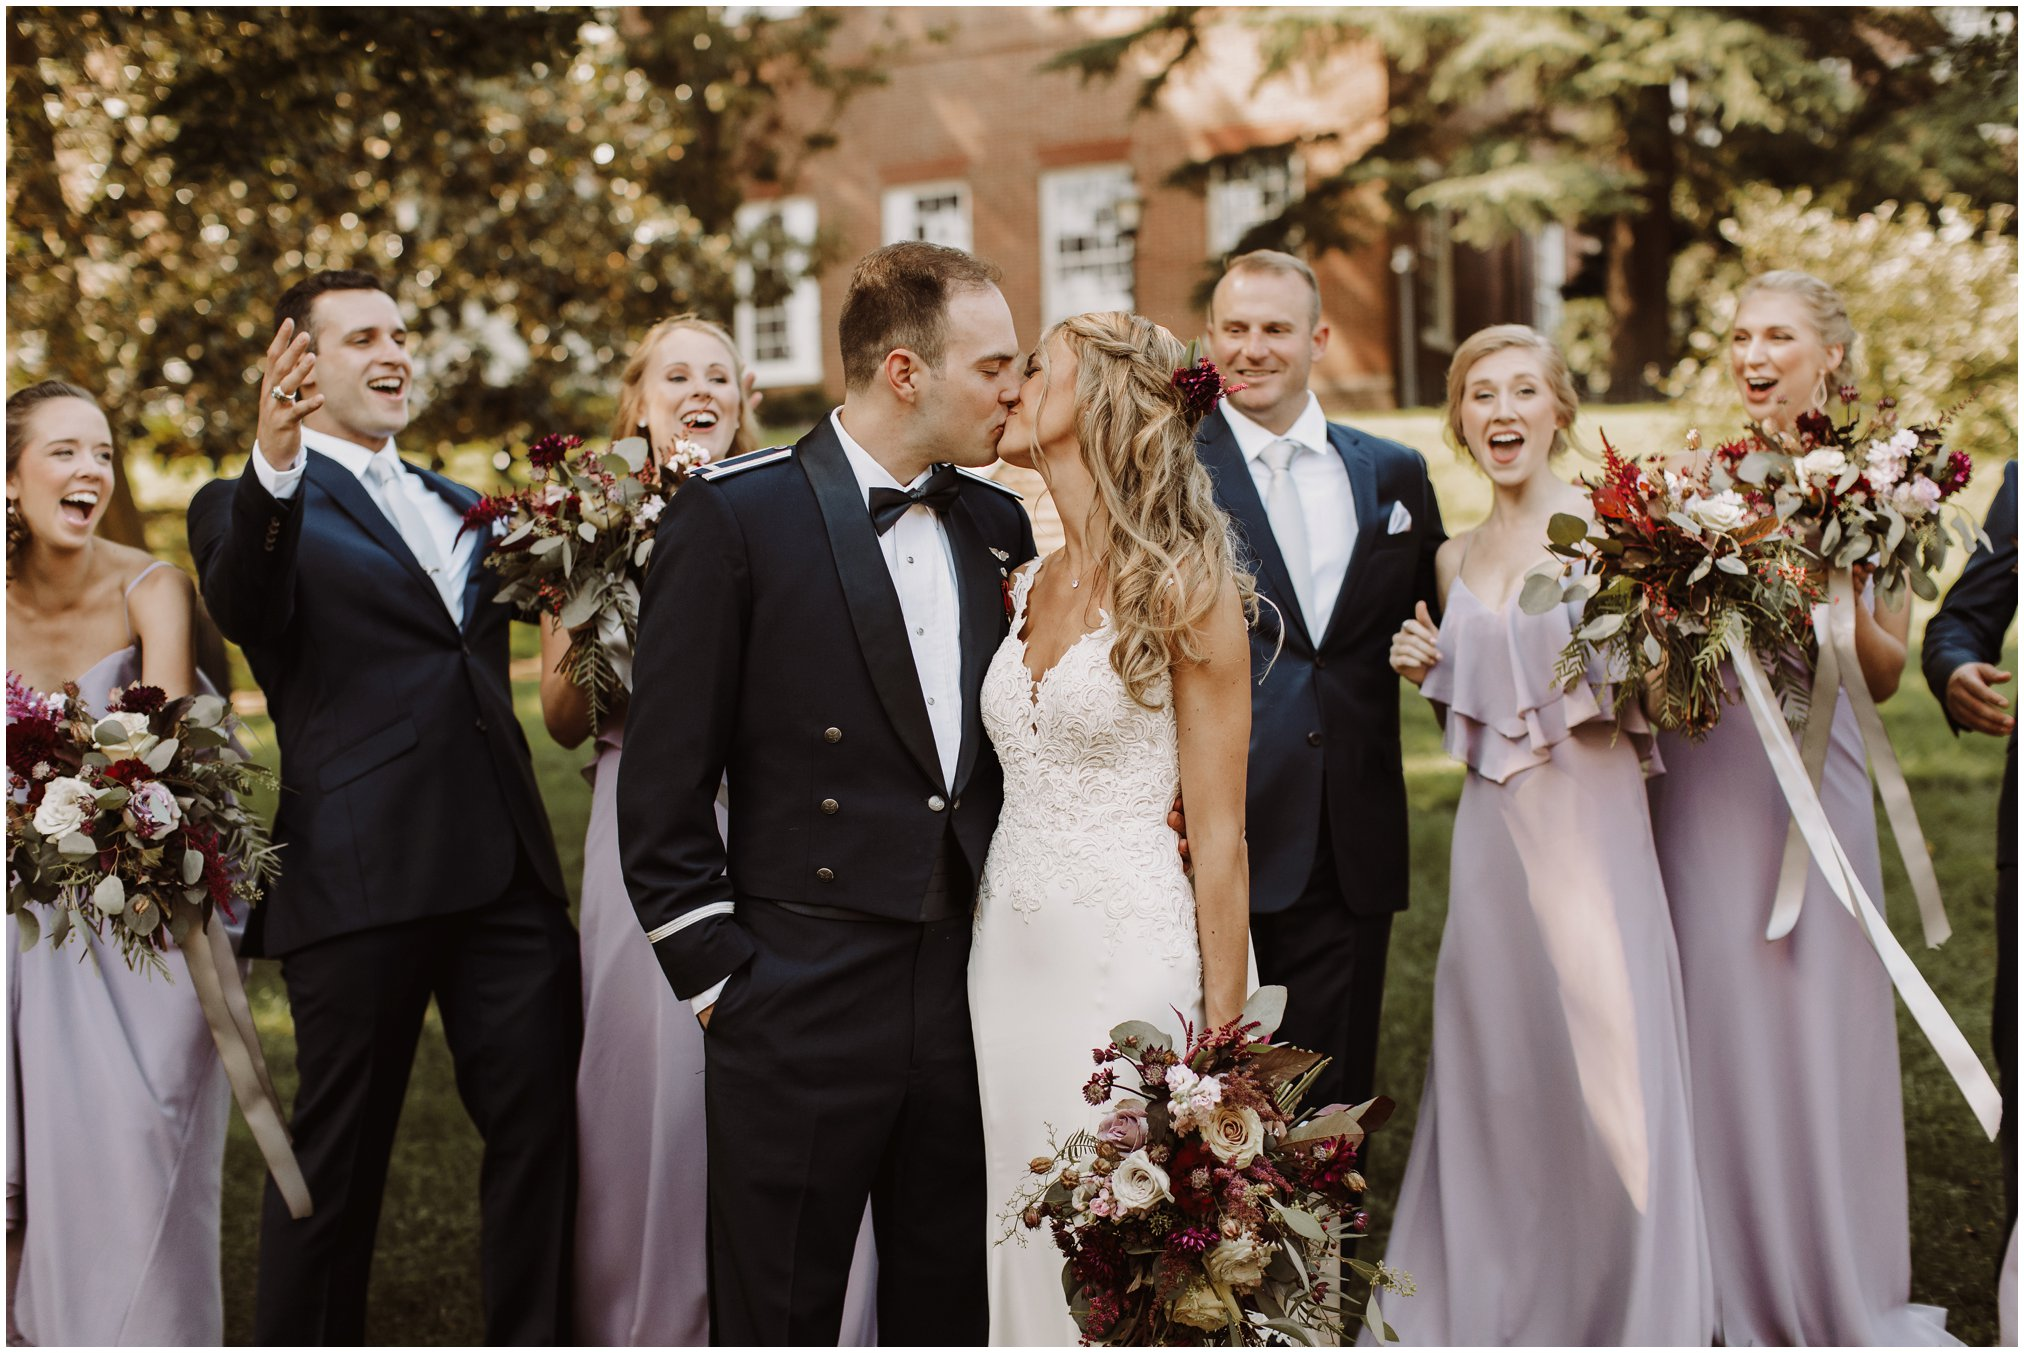 Annapolis Wedding Photographer, Kate Ann Photography, Timberlake Farm, Timberlake Farm Wedding, Annapolis Bride, Downtown Annapolis Wedding